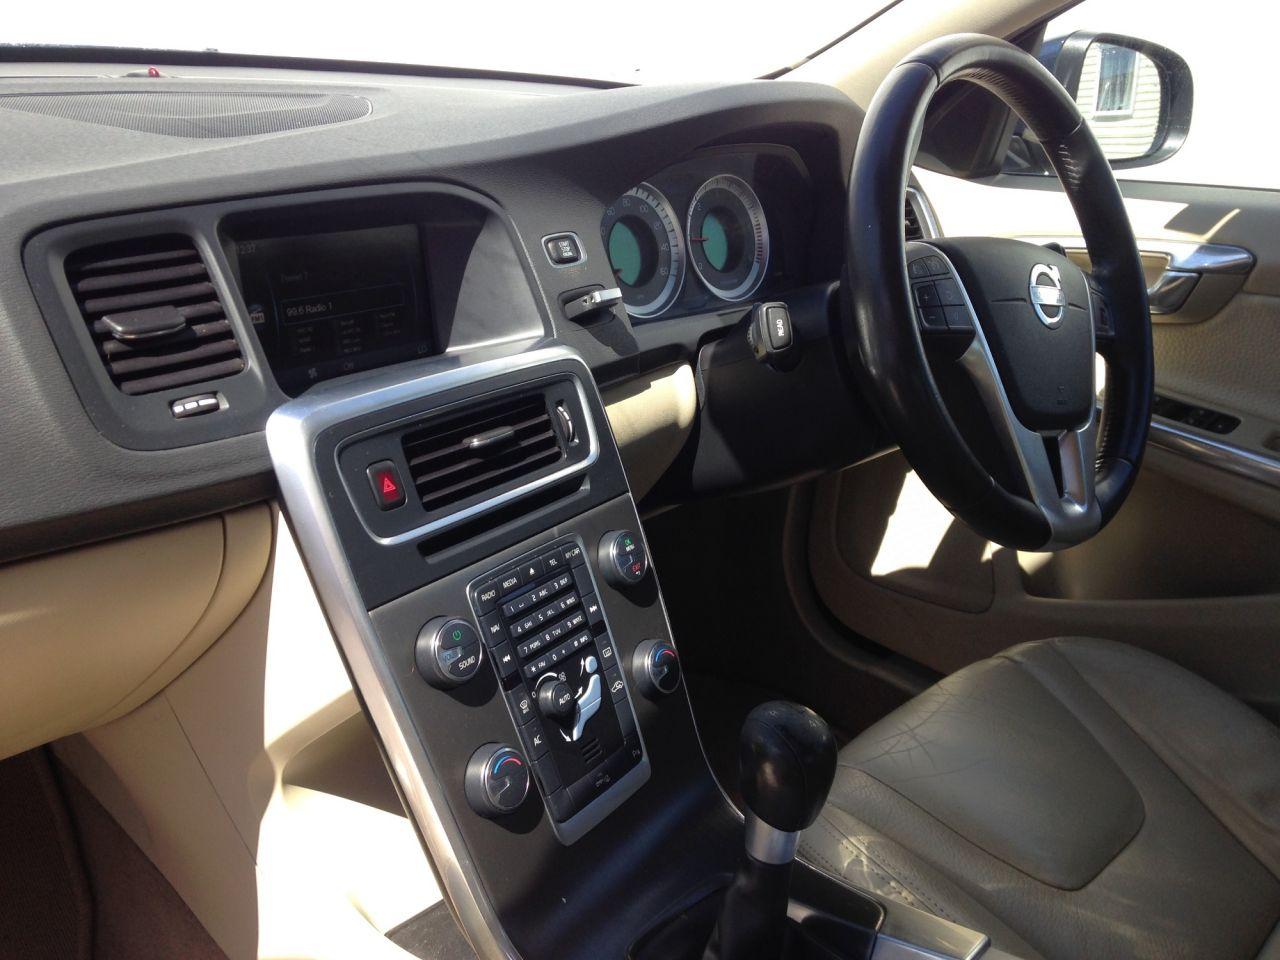 2011 Volvo S60 Drive SE Lux S/S £4,995